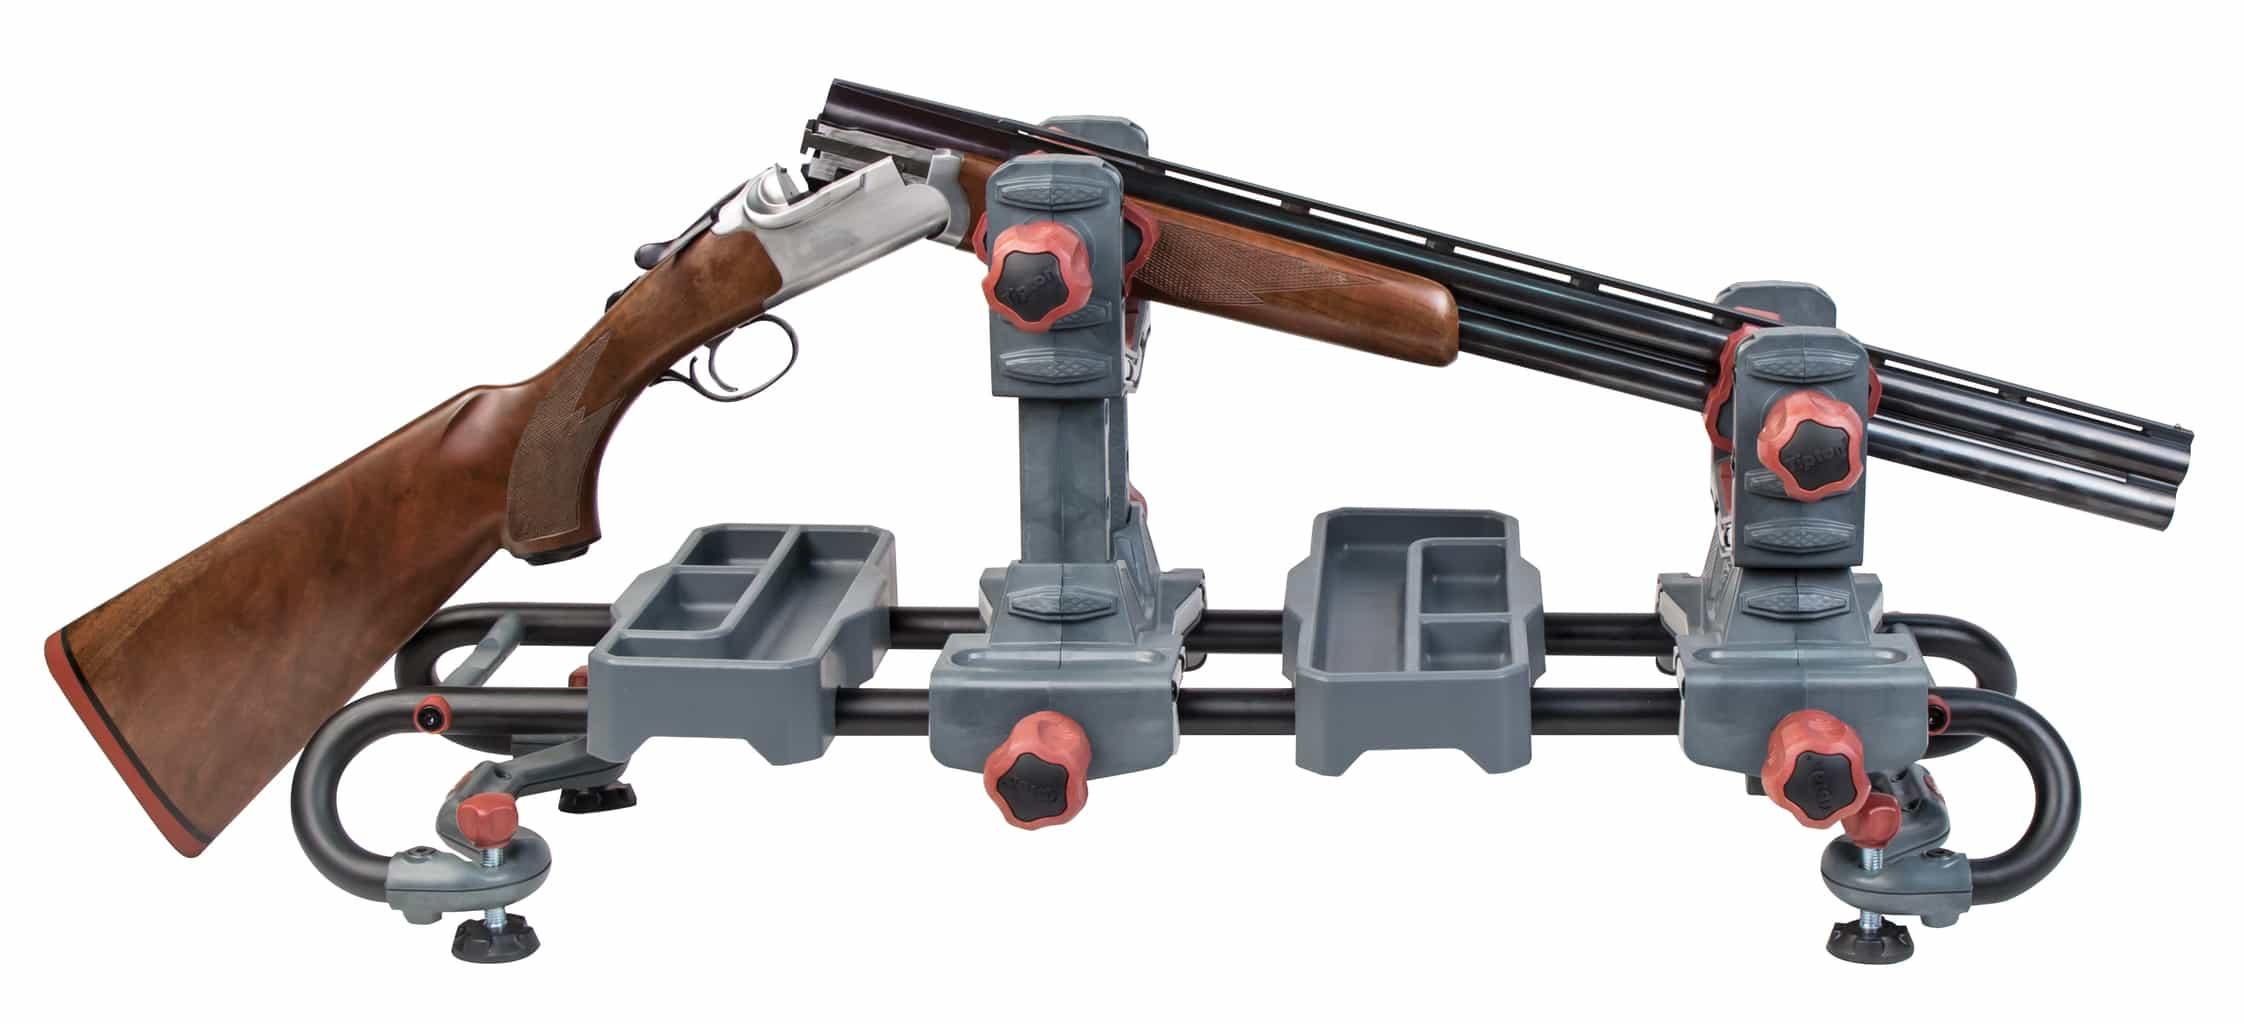 Tipton 110011 Ultra Universal Gun Vise